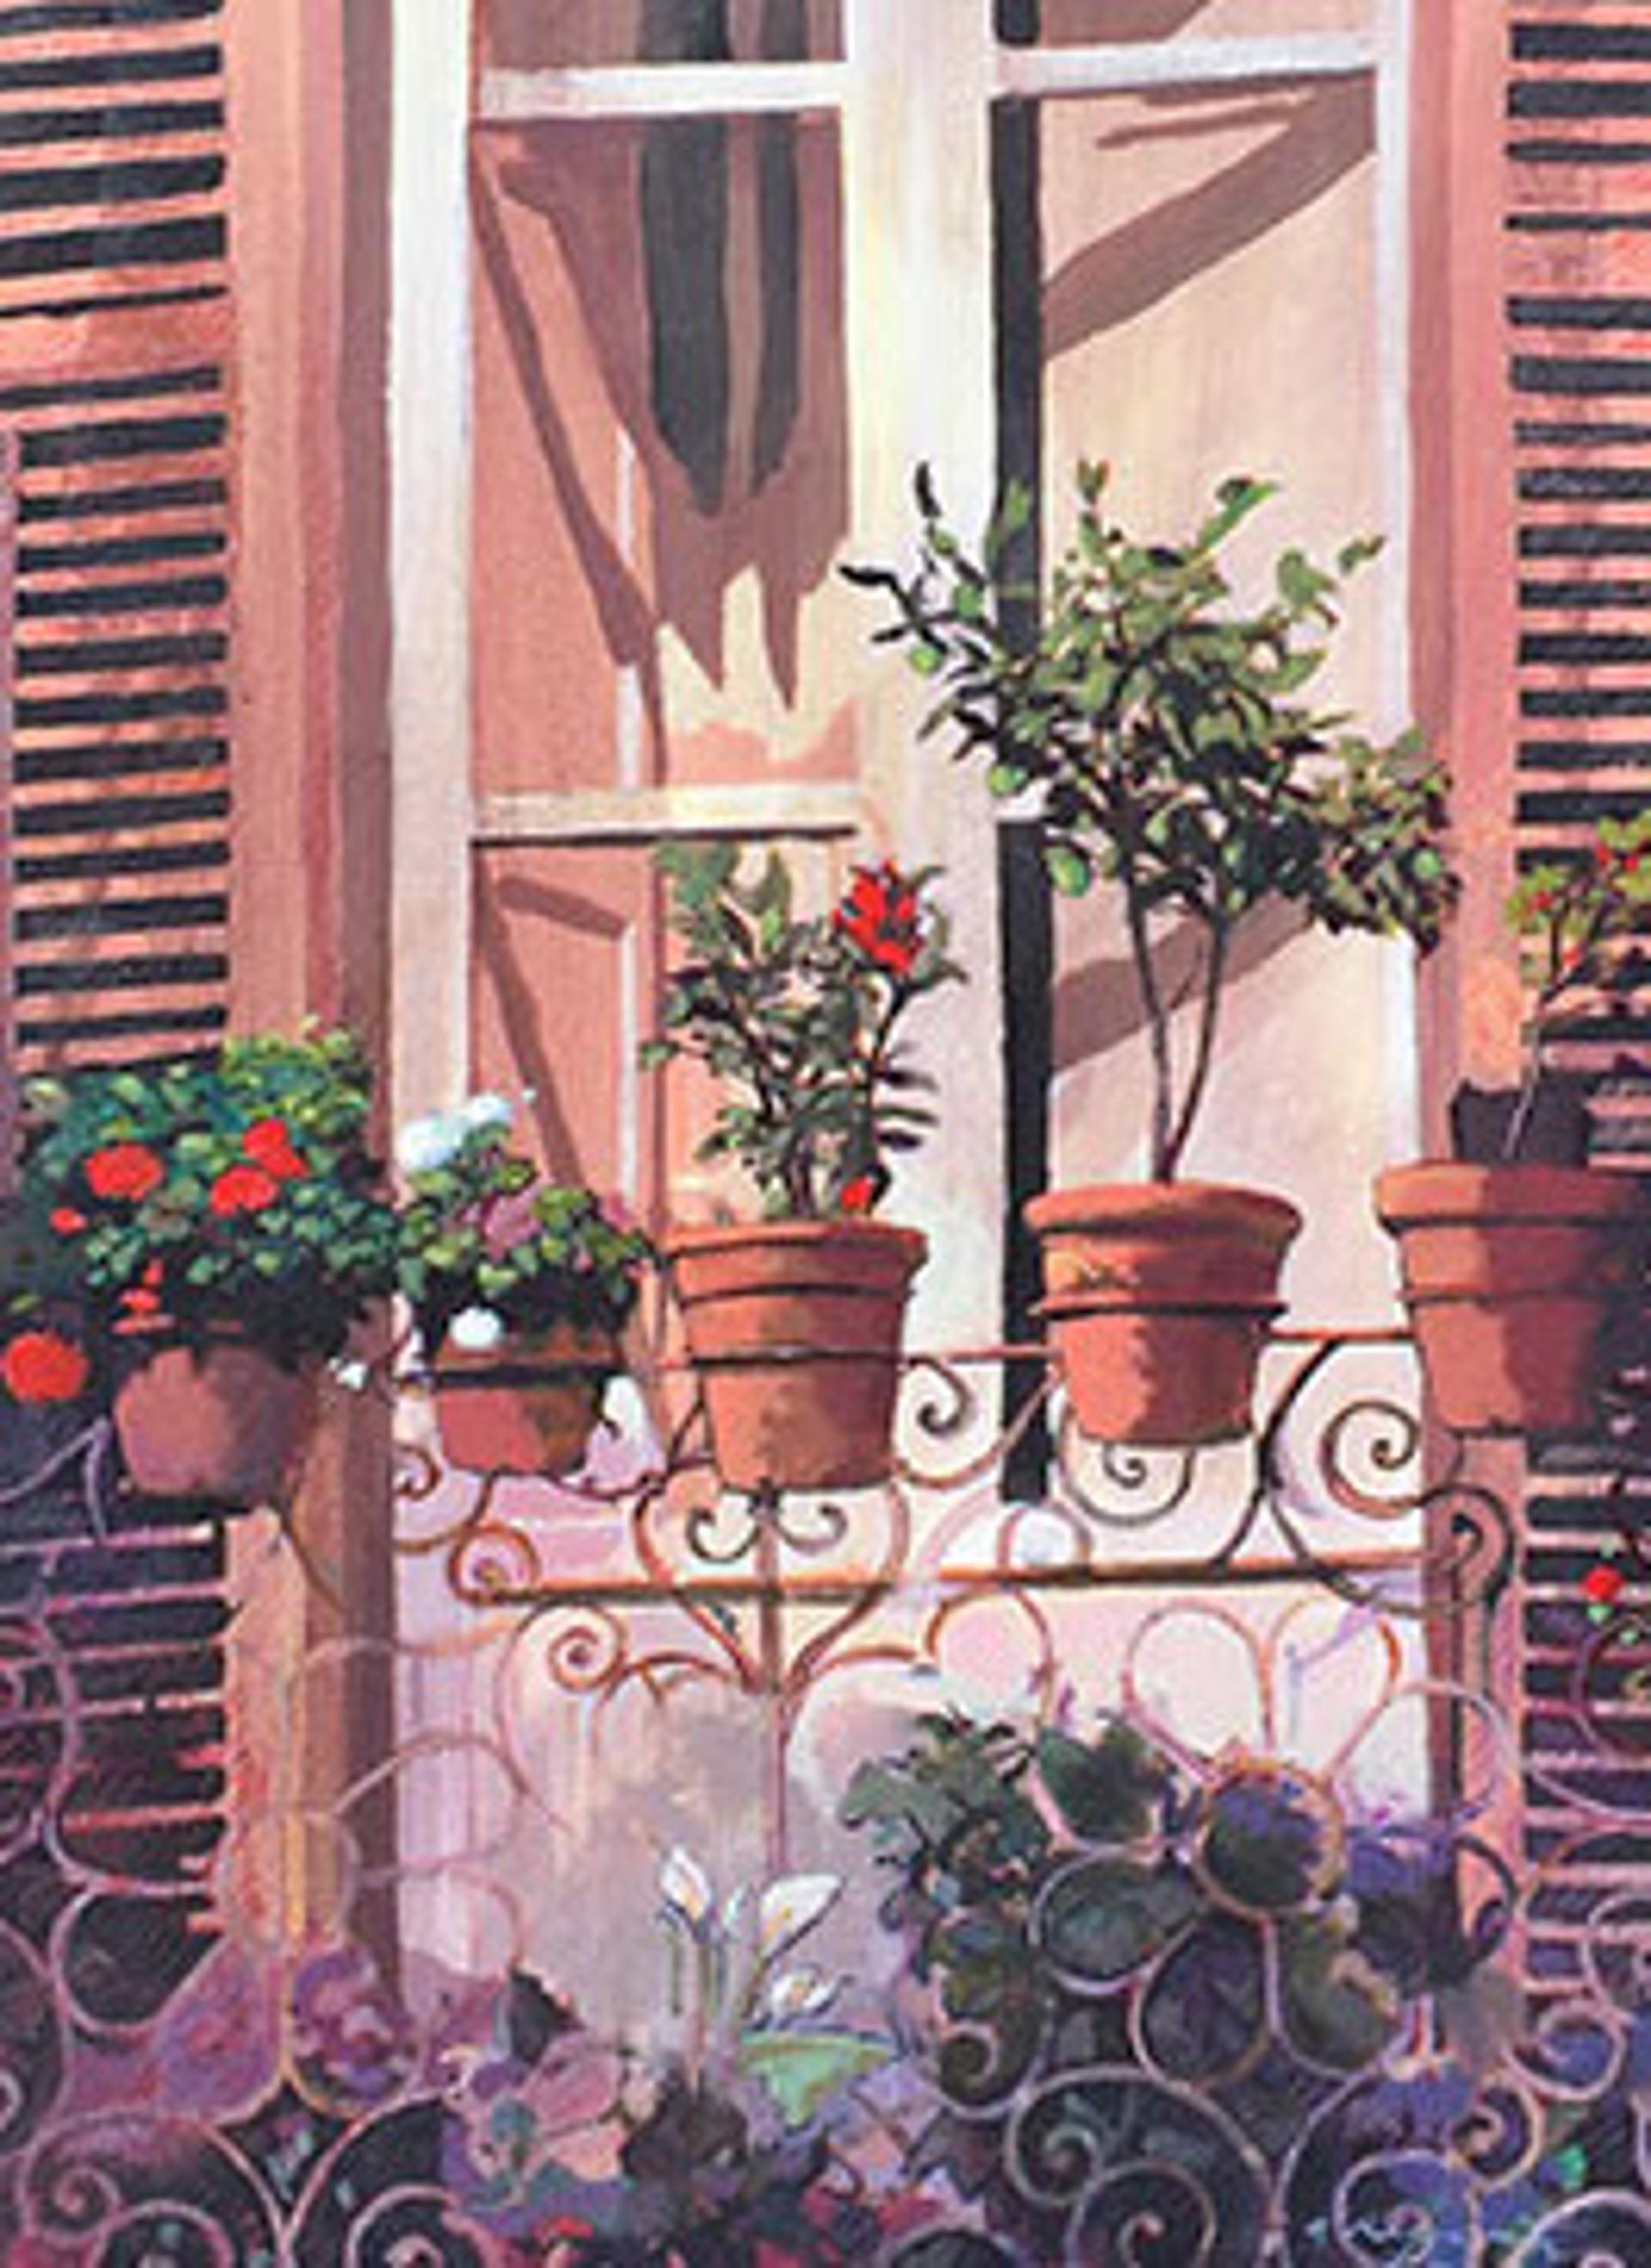 Sunday Morning by Andrea Razzauti